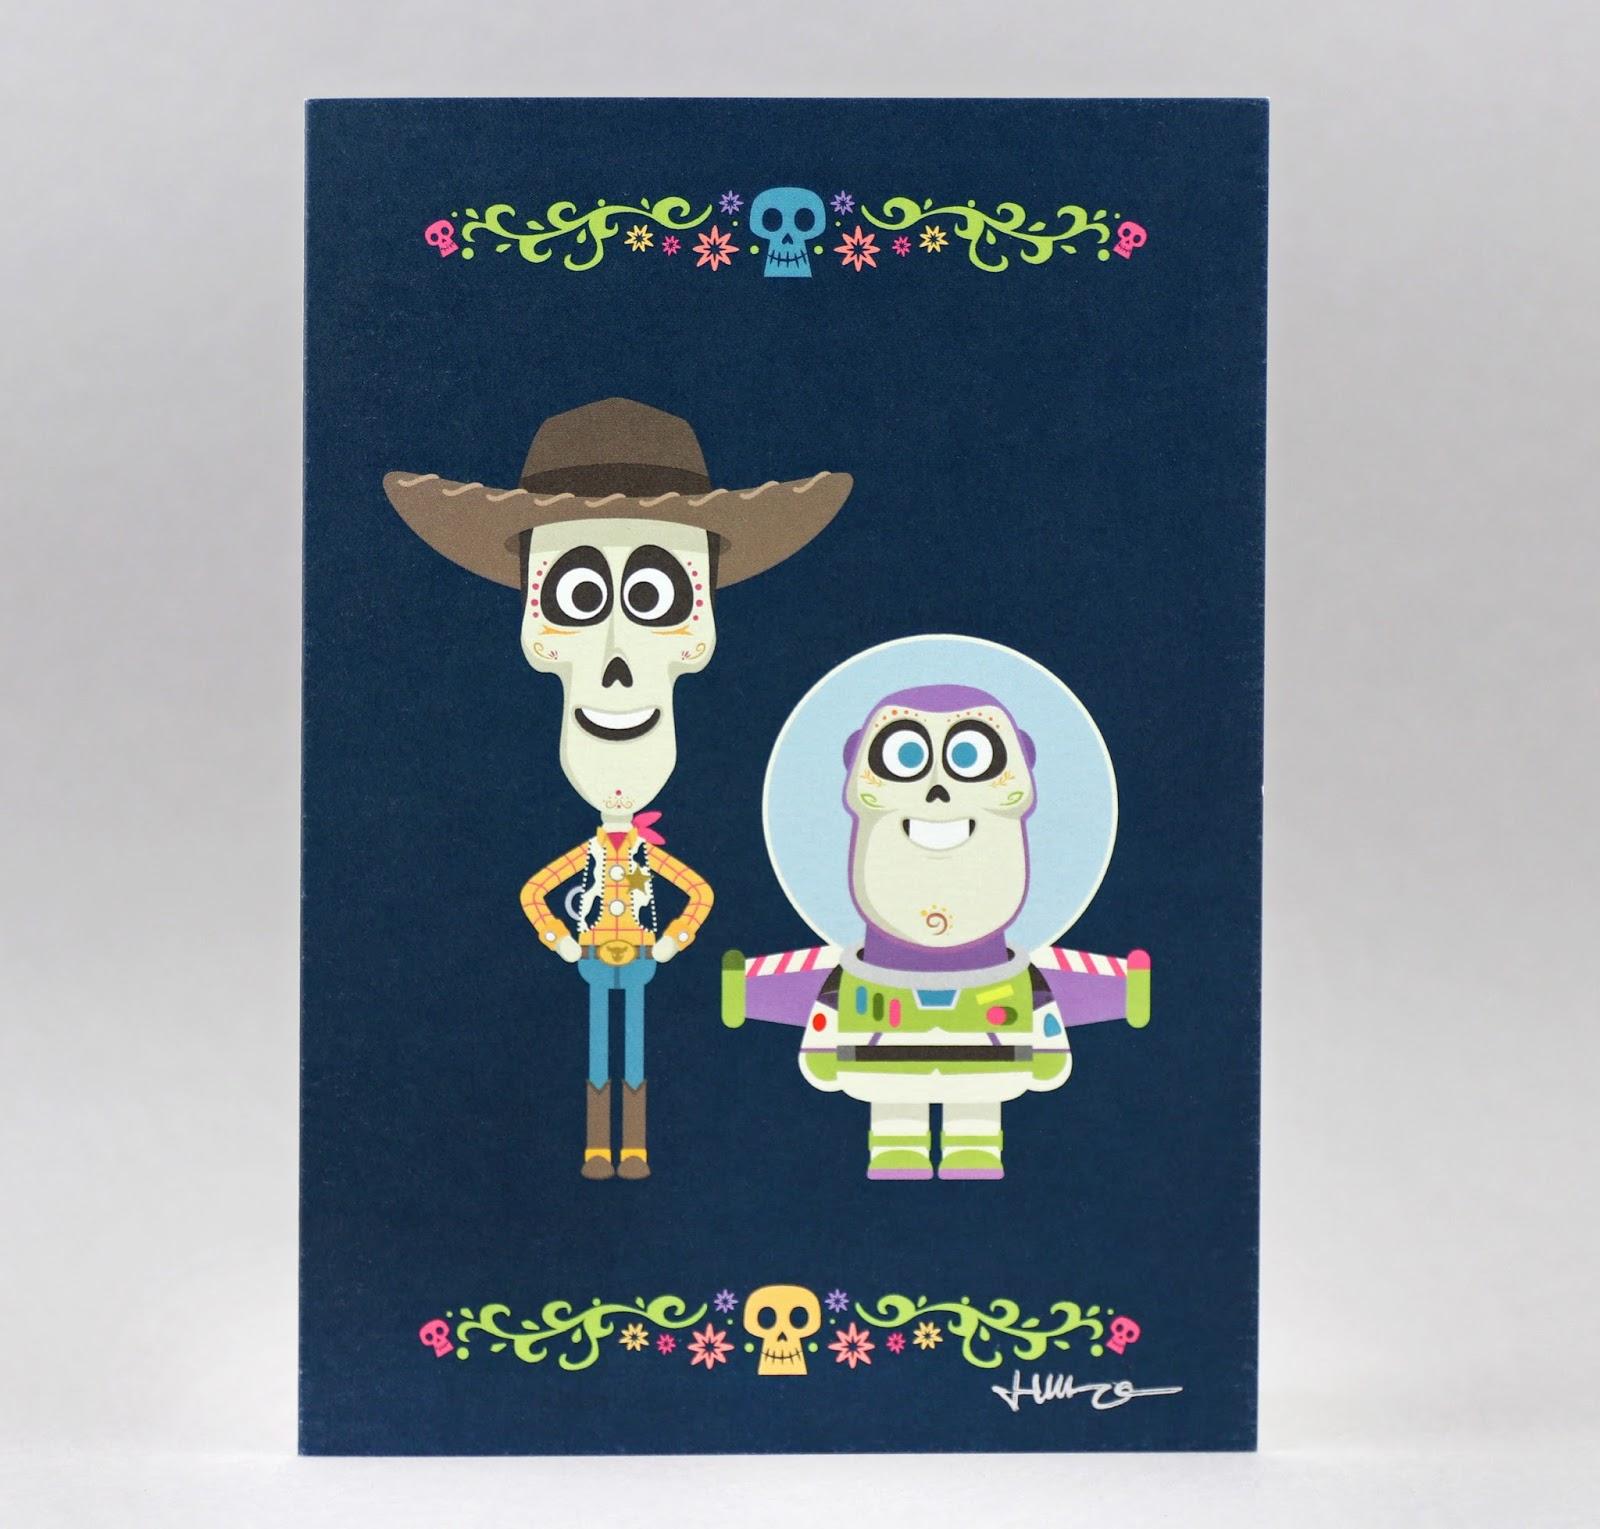 pixar coco toy story art jerrod maruyama